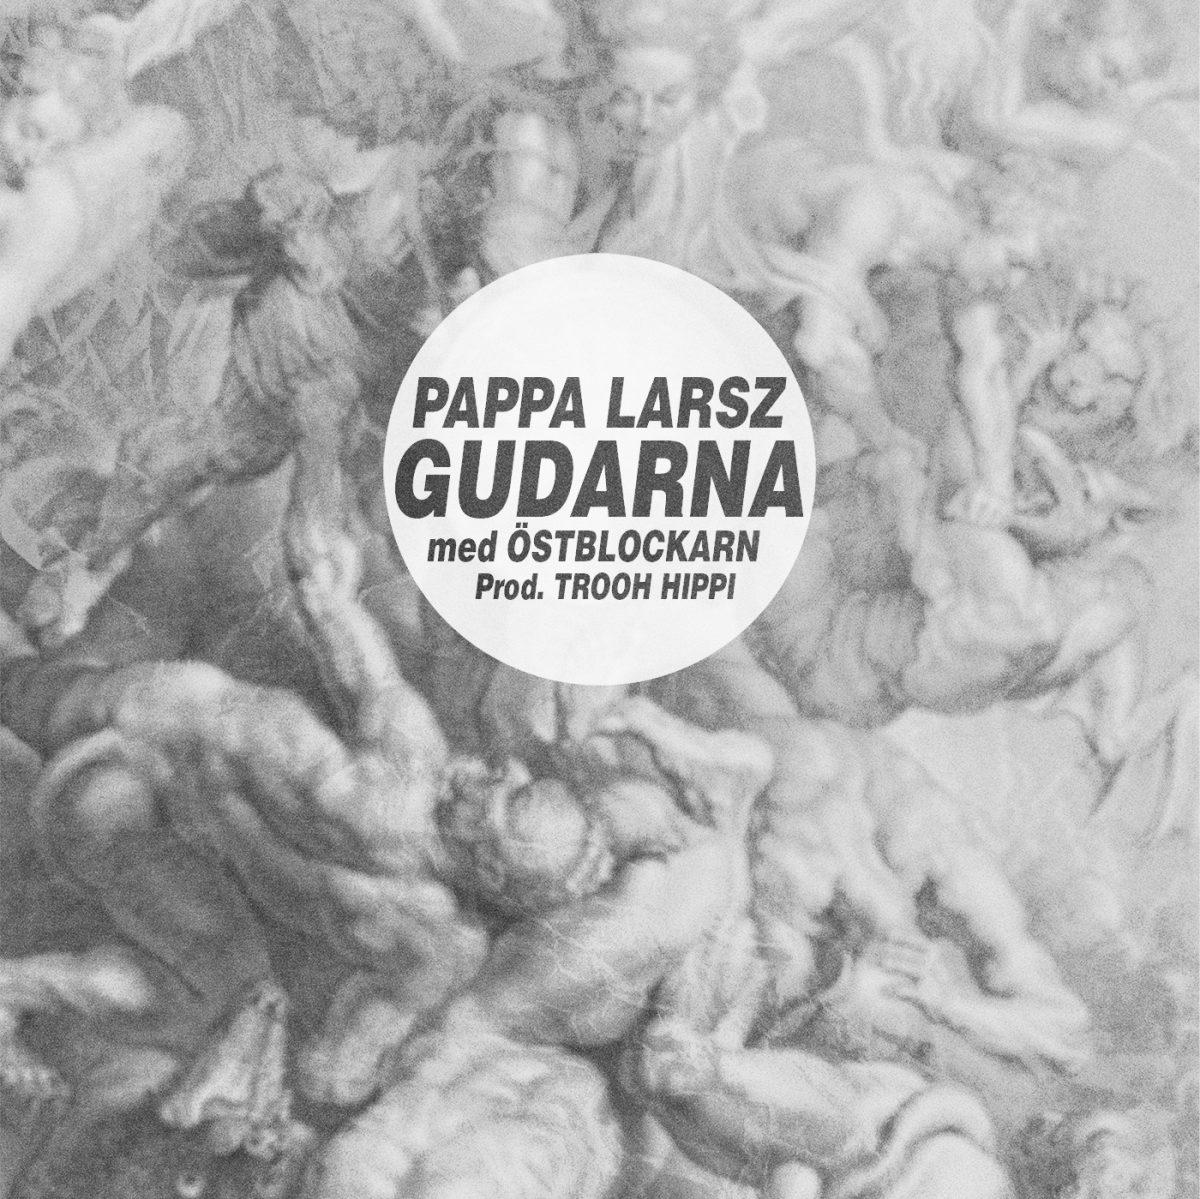 Exklusivt: Pappa Larsz med Östblockarn –  Gudarna (MP3)